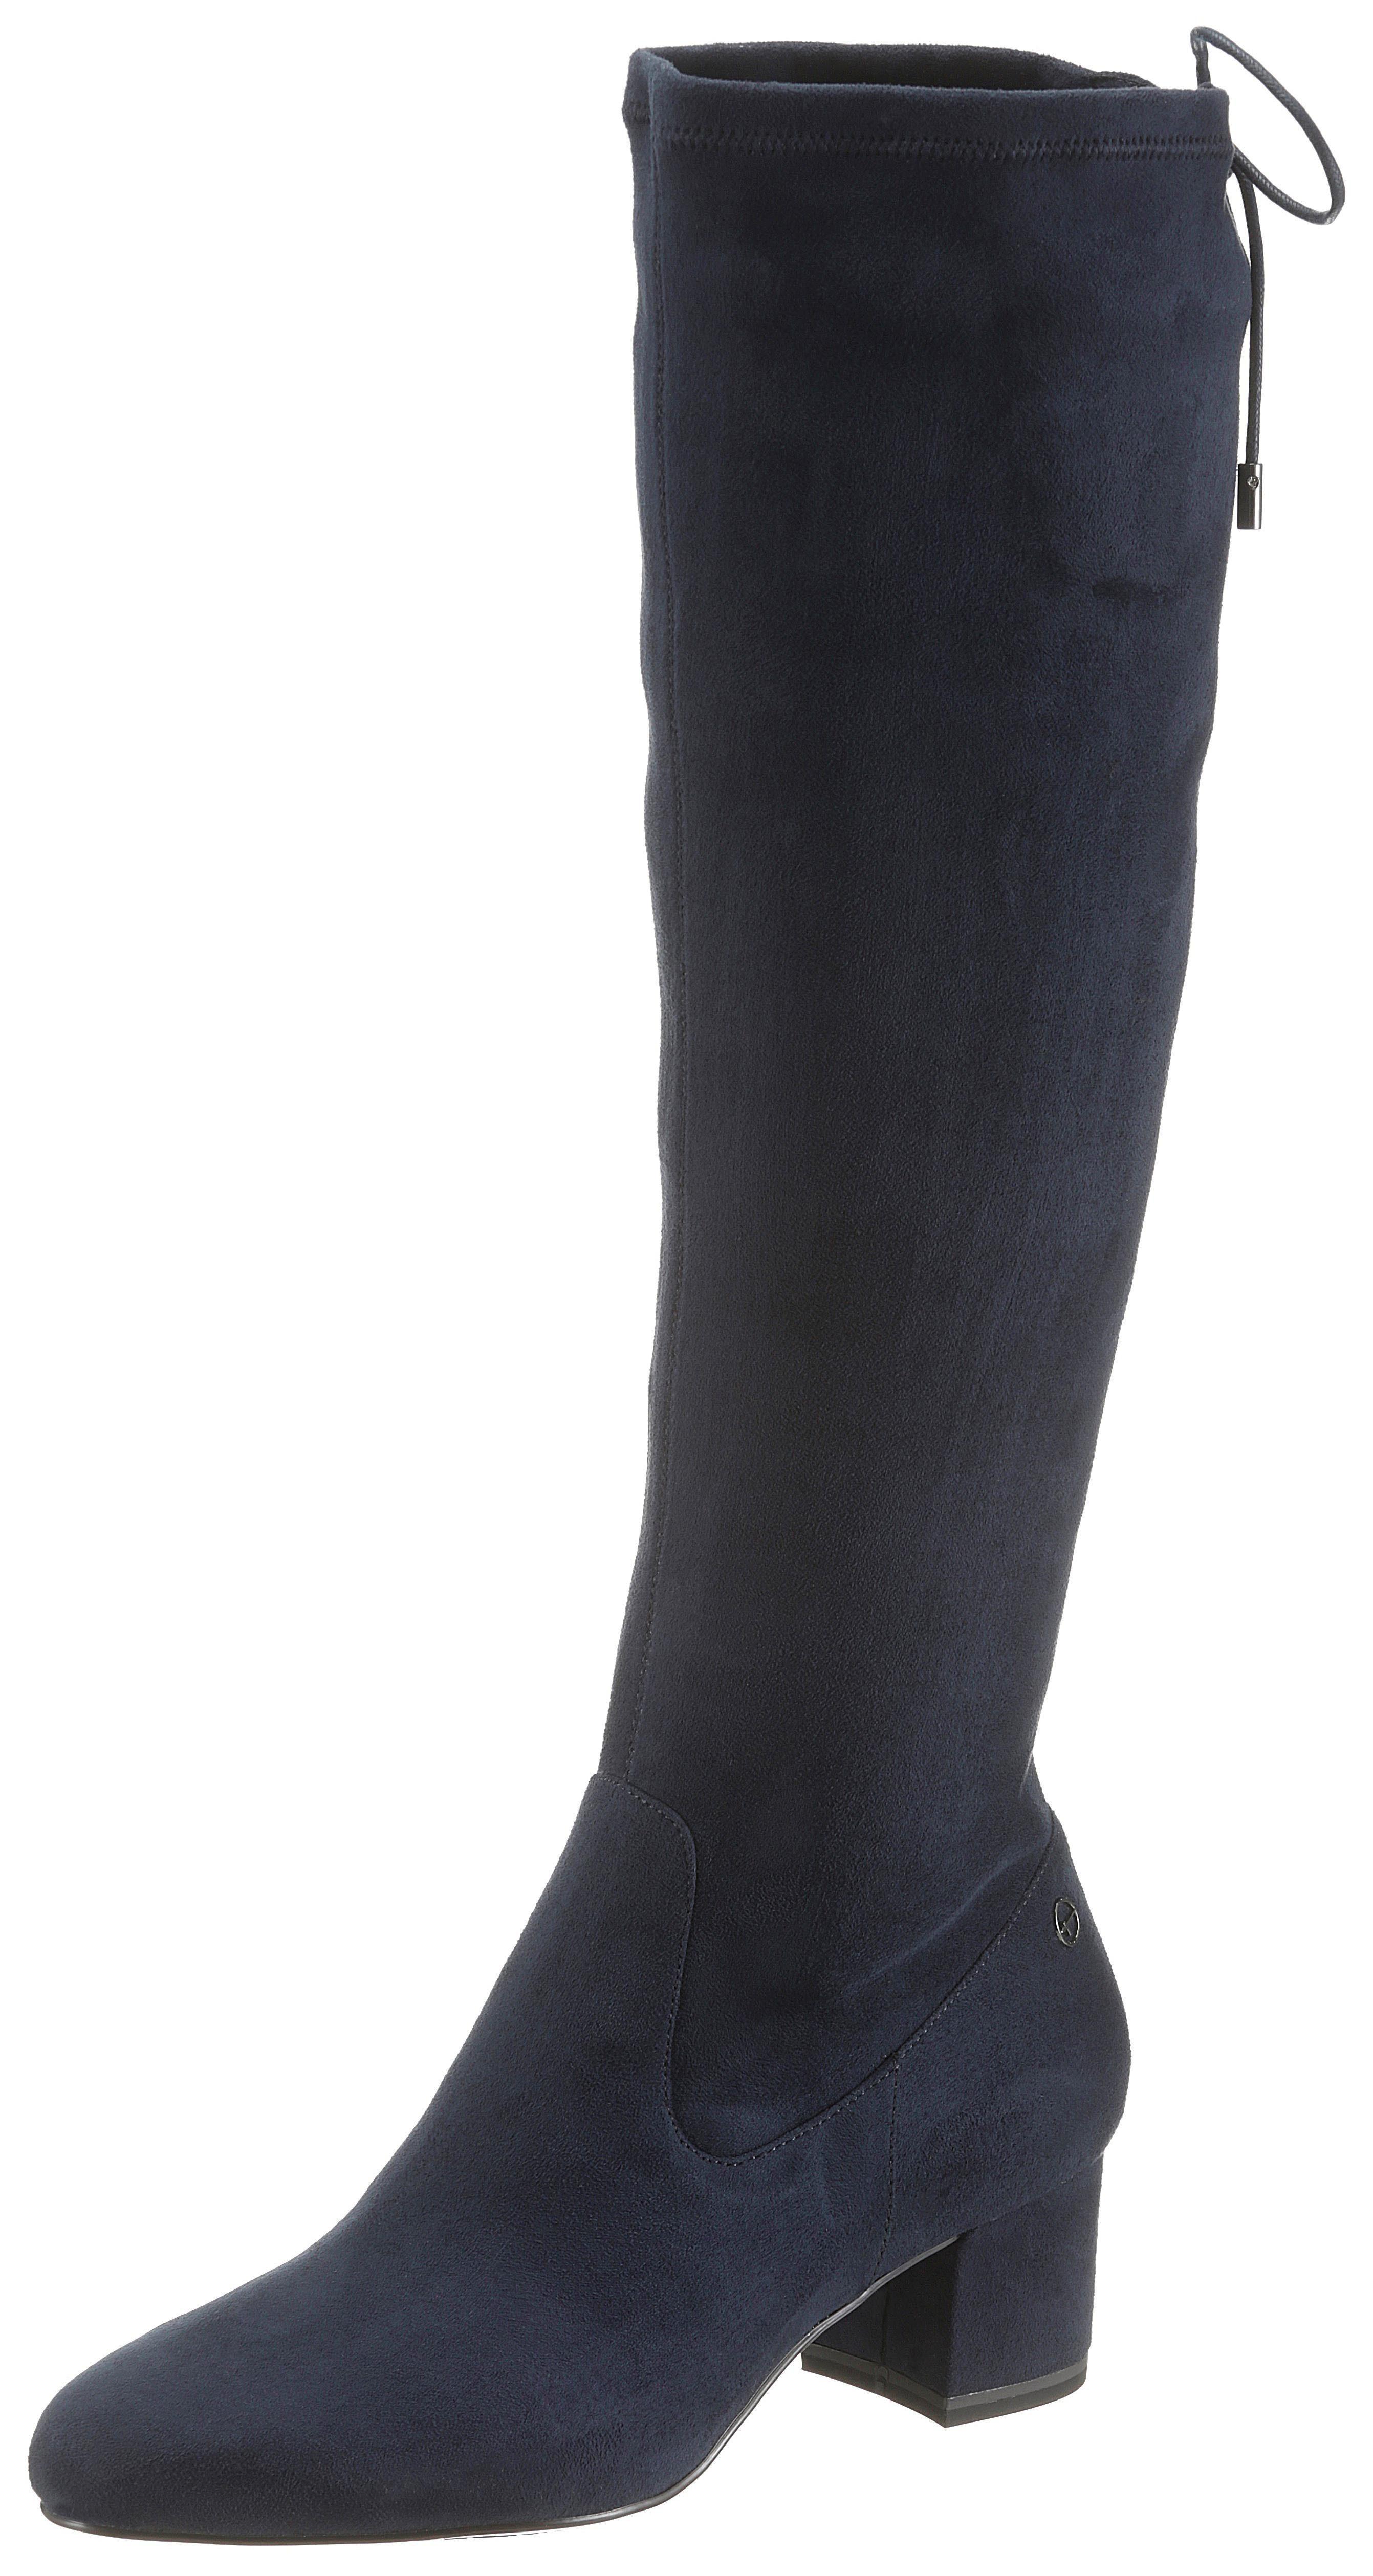 Tamaris »Pedas« Stiefel mit XS Schaft, Mit Stretchschaft online kaufen | OTTO